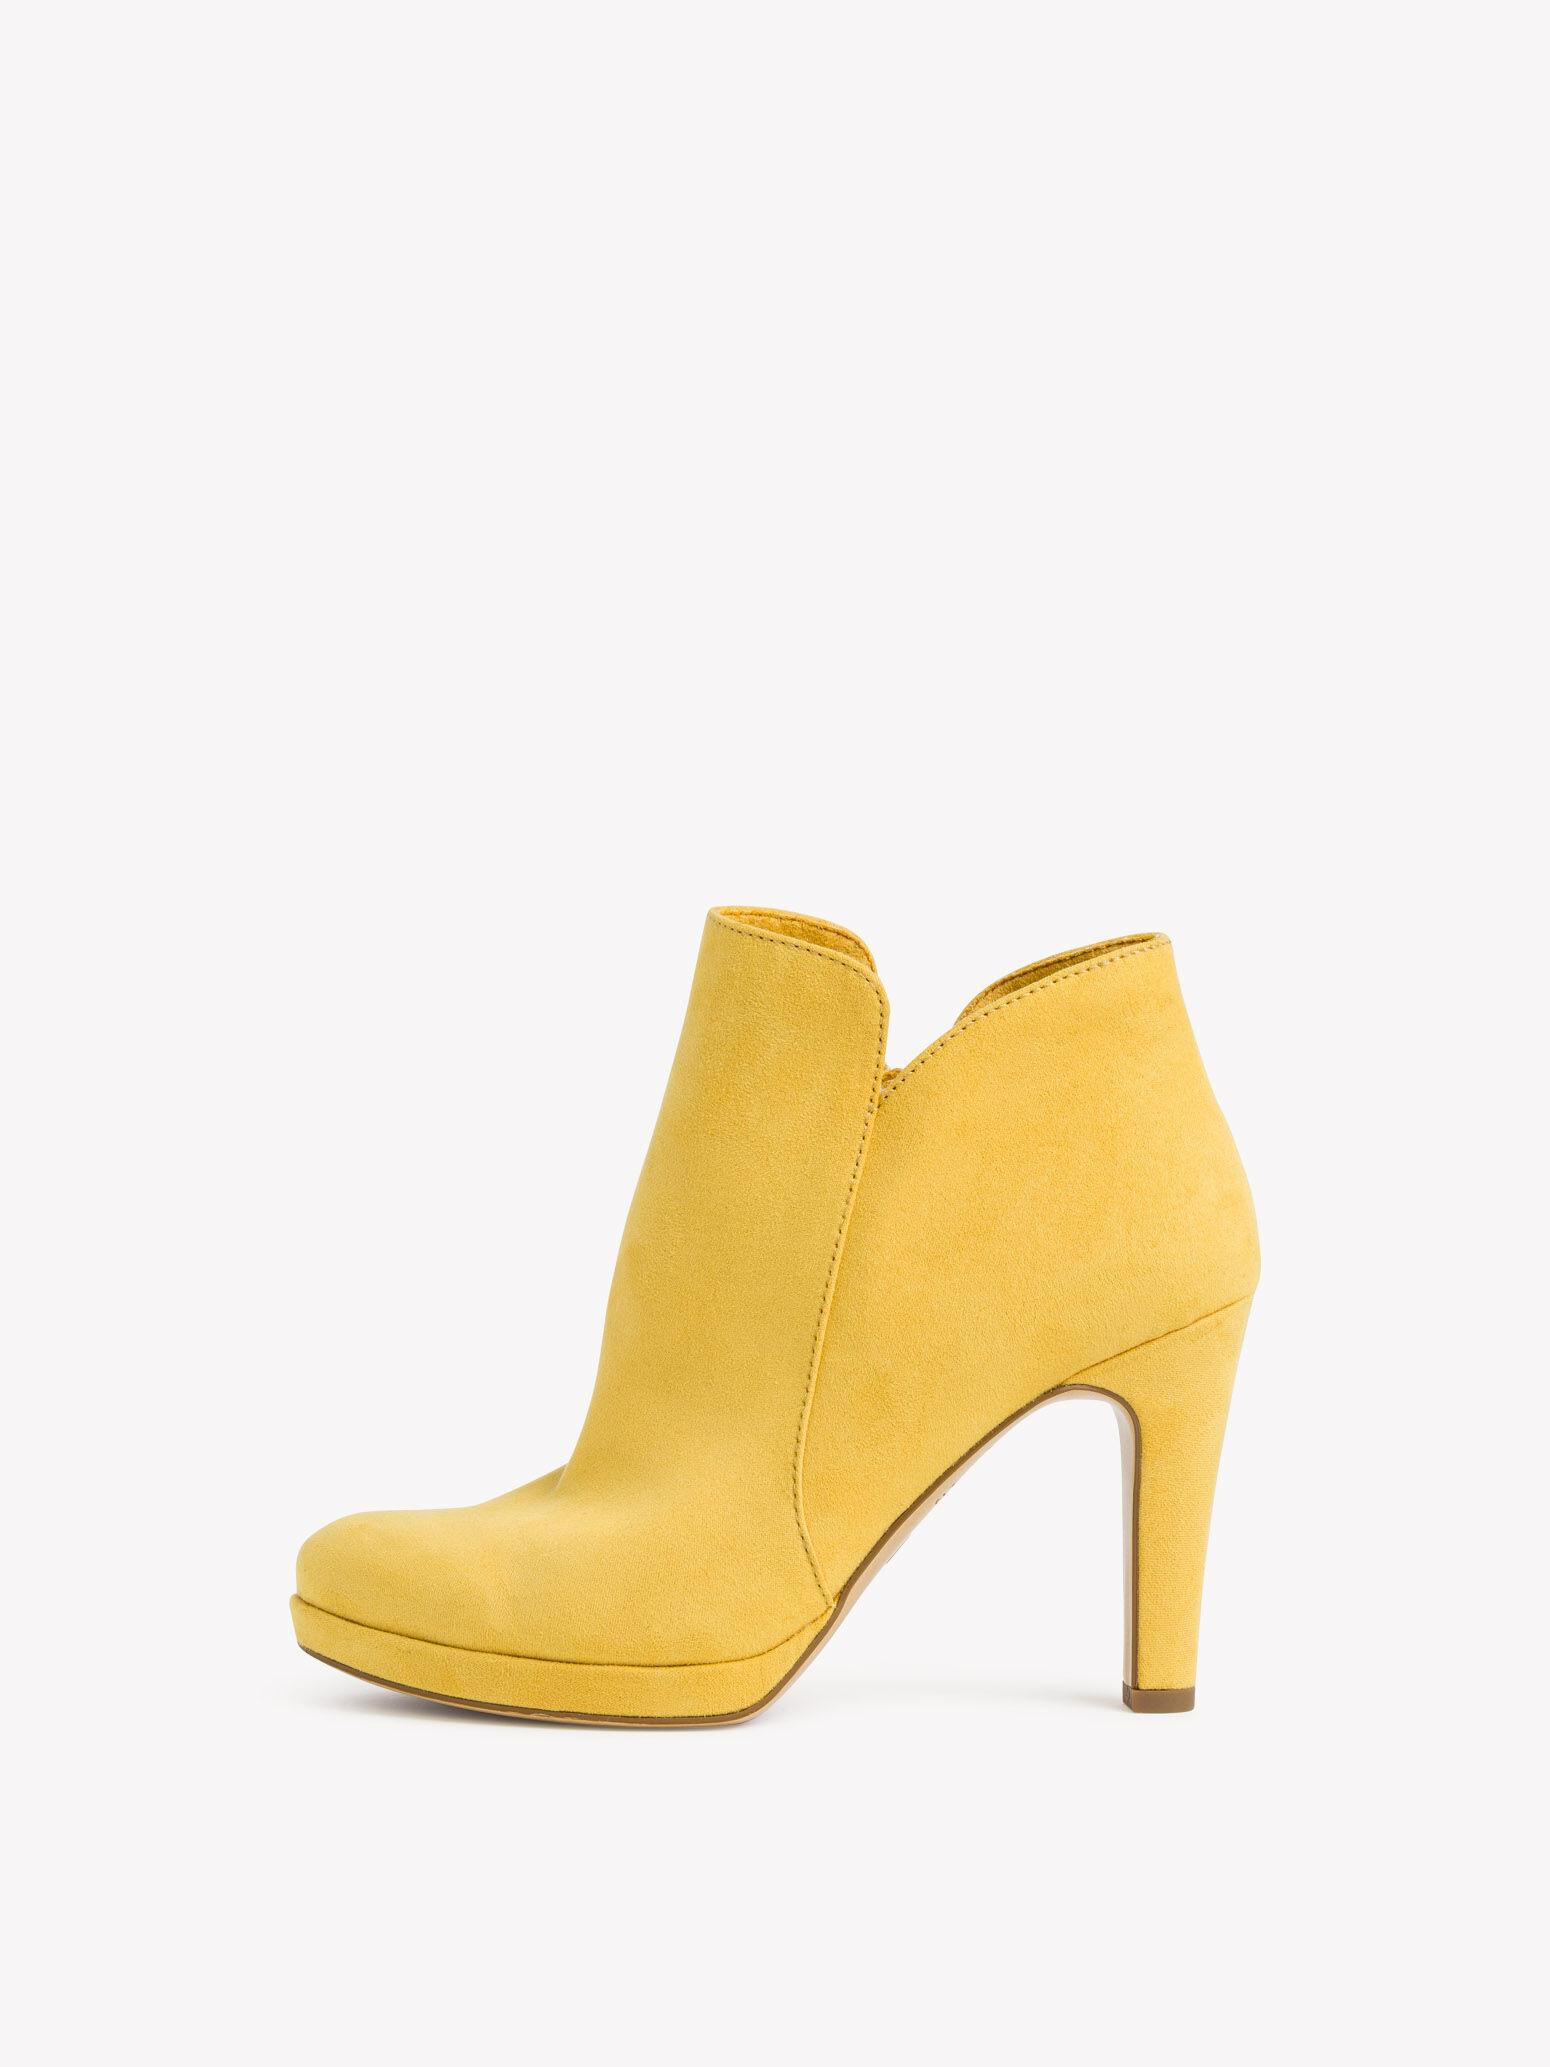 Kaufen Für Damenschuhe Tamaris Damen Online Stiefeletten IWDHE92